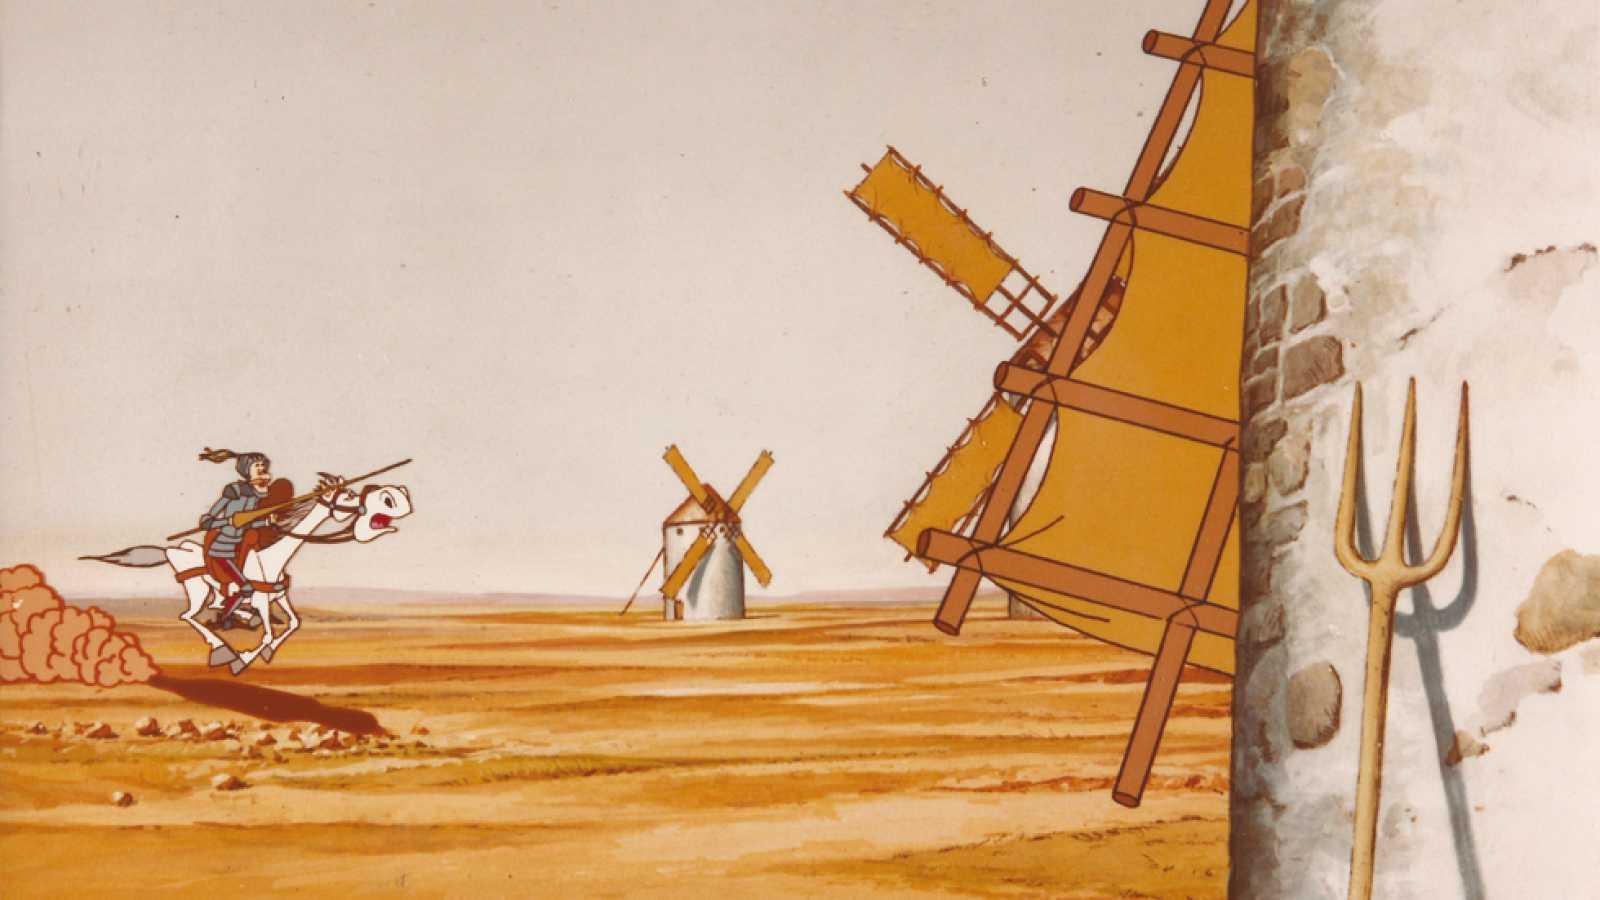 Don Quijote De La Mancha Serie De Dibujos Animados 1979